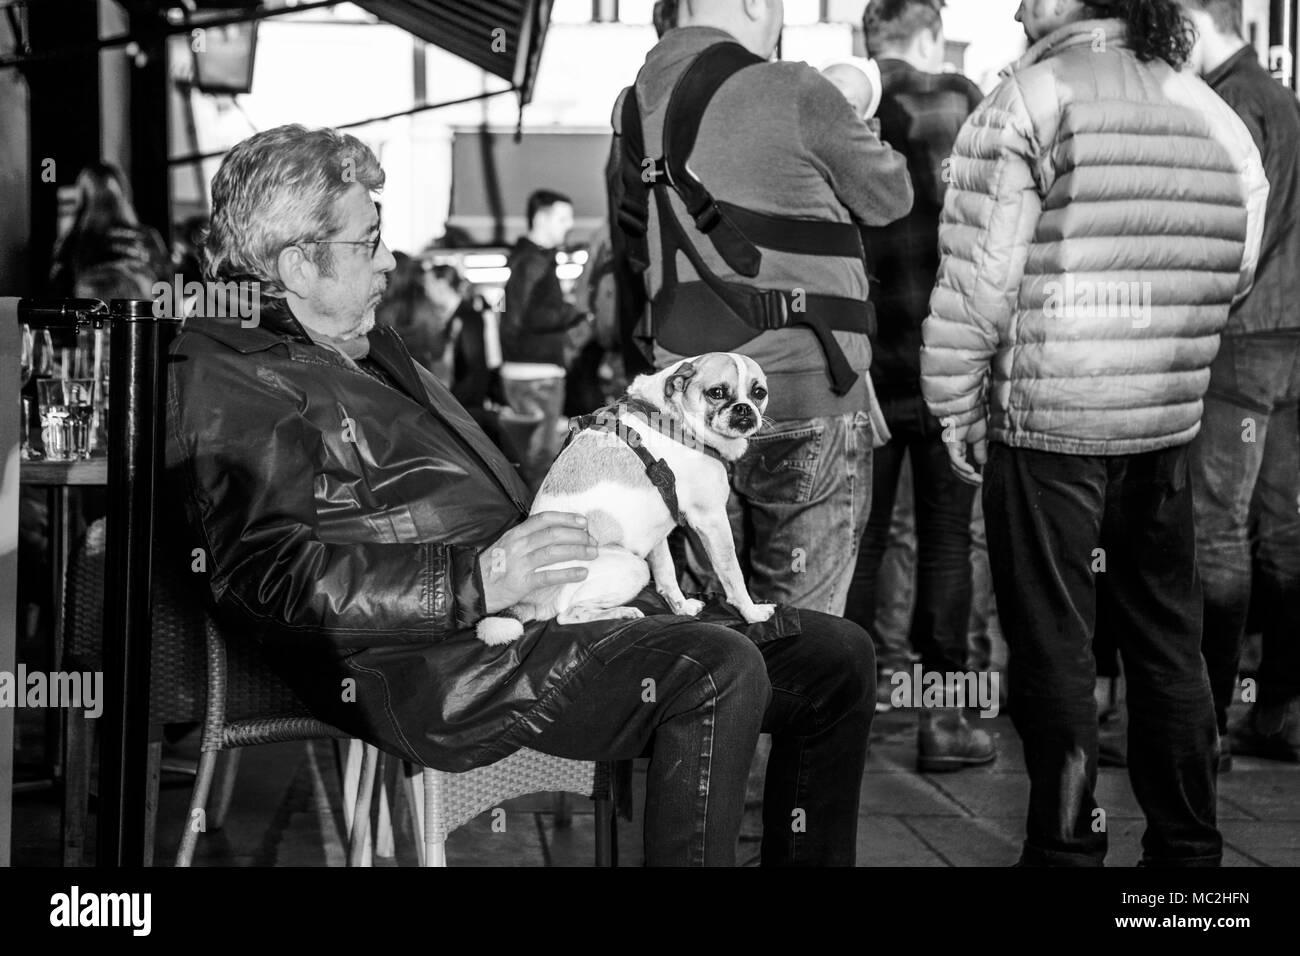 Compagnia - La vecchiaia pensionato oap, proprietario del cane, con un piccolo cane da compagnia. Immagini Stock